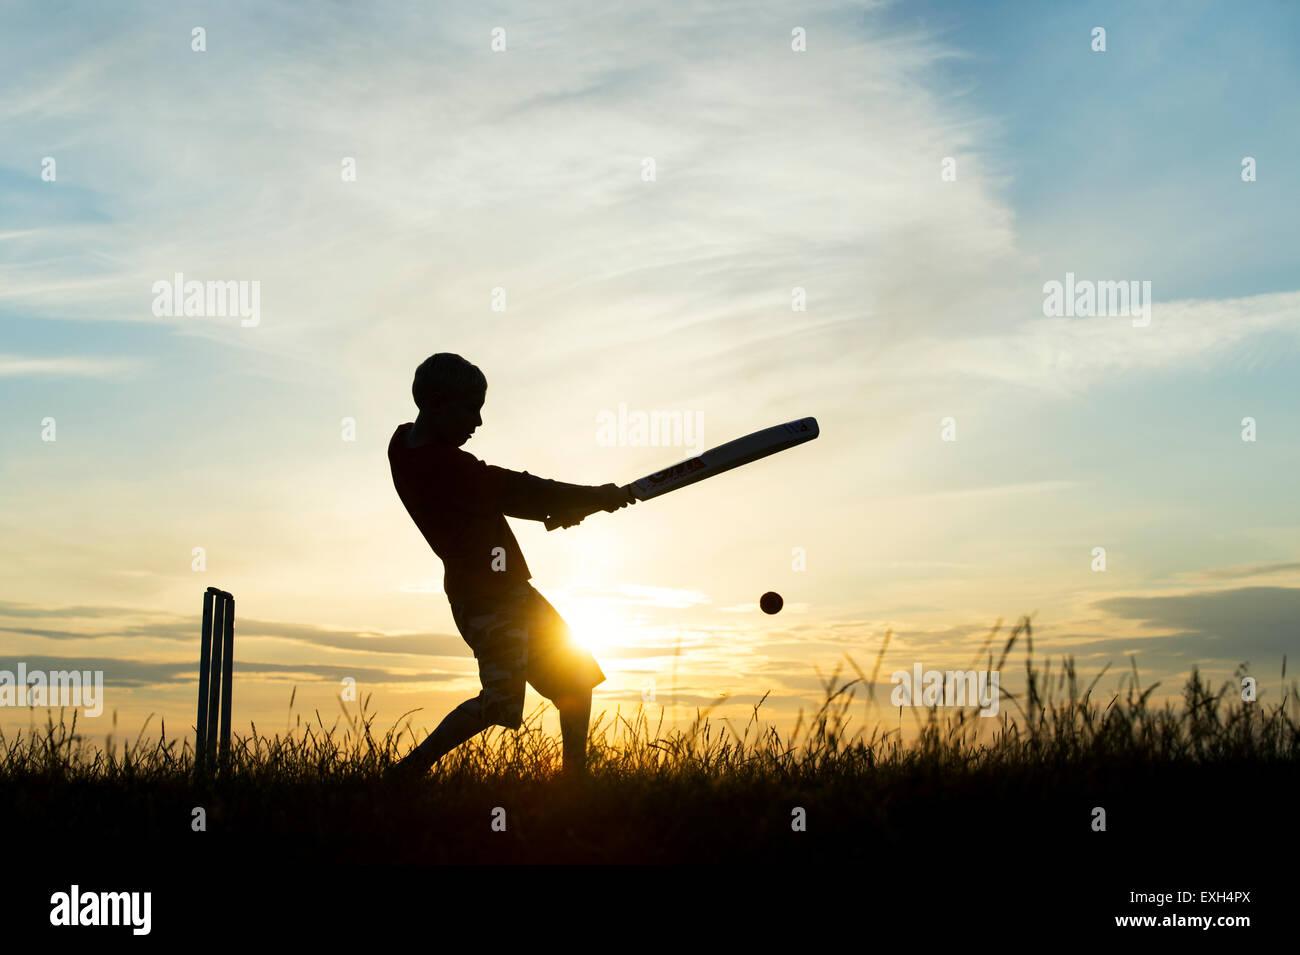 Silhouette des jungen Fussball Sonnenuntergang im Hintergrund Stockbild